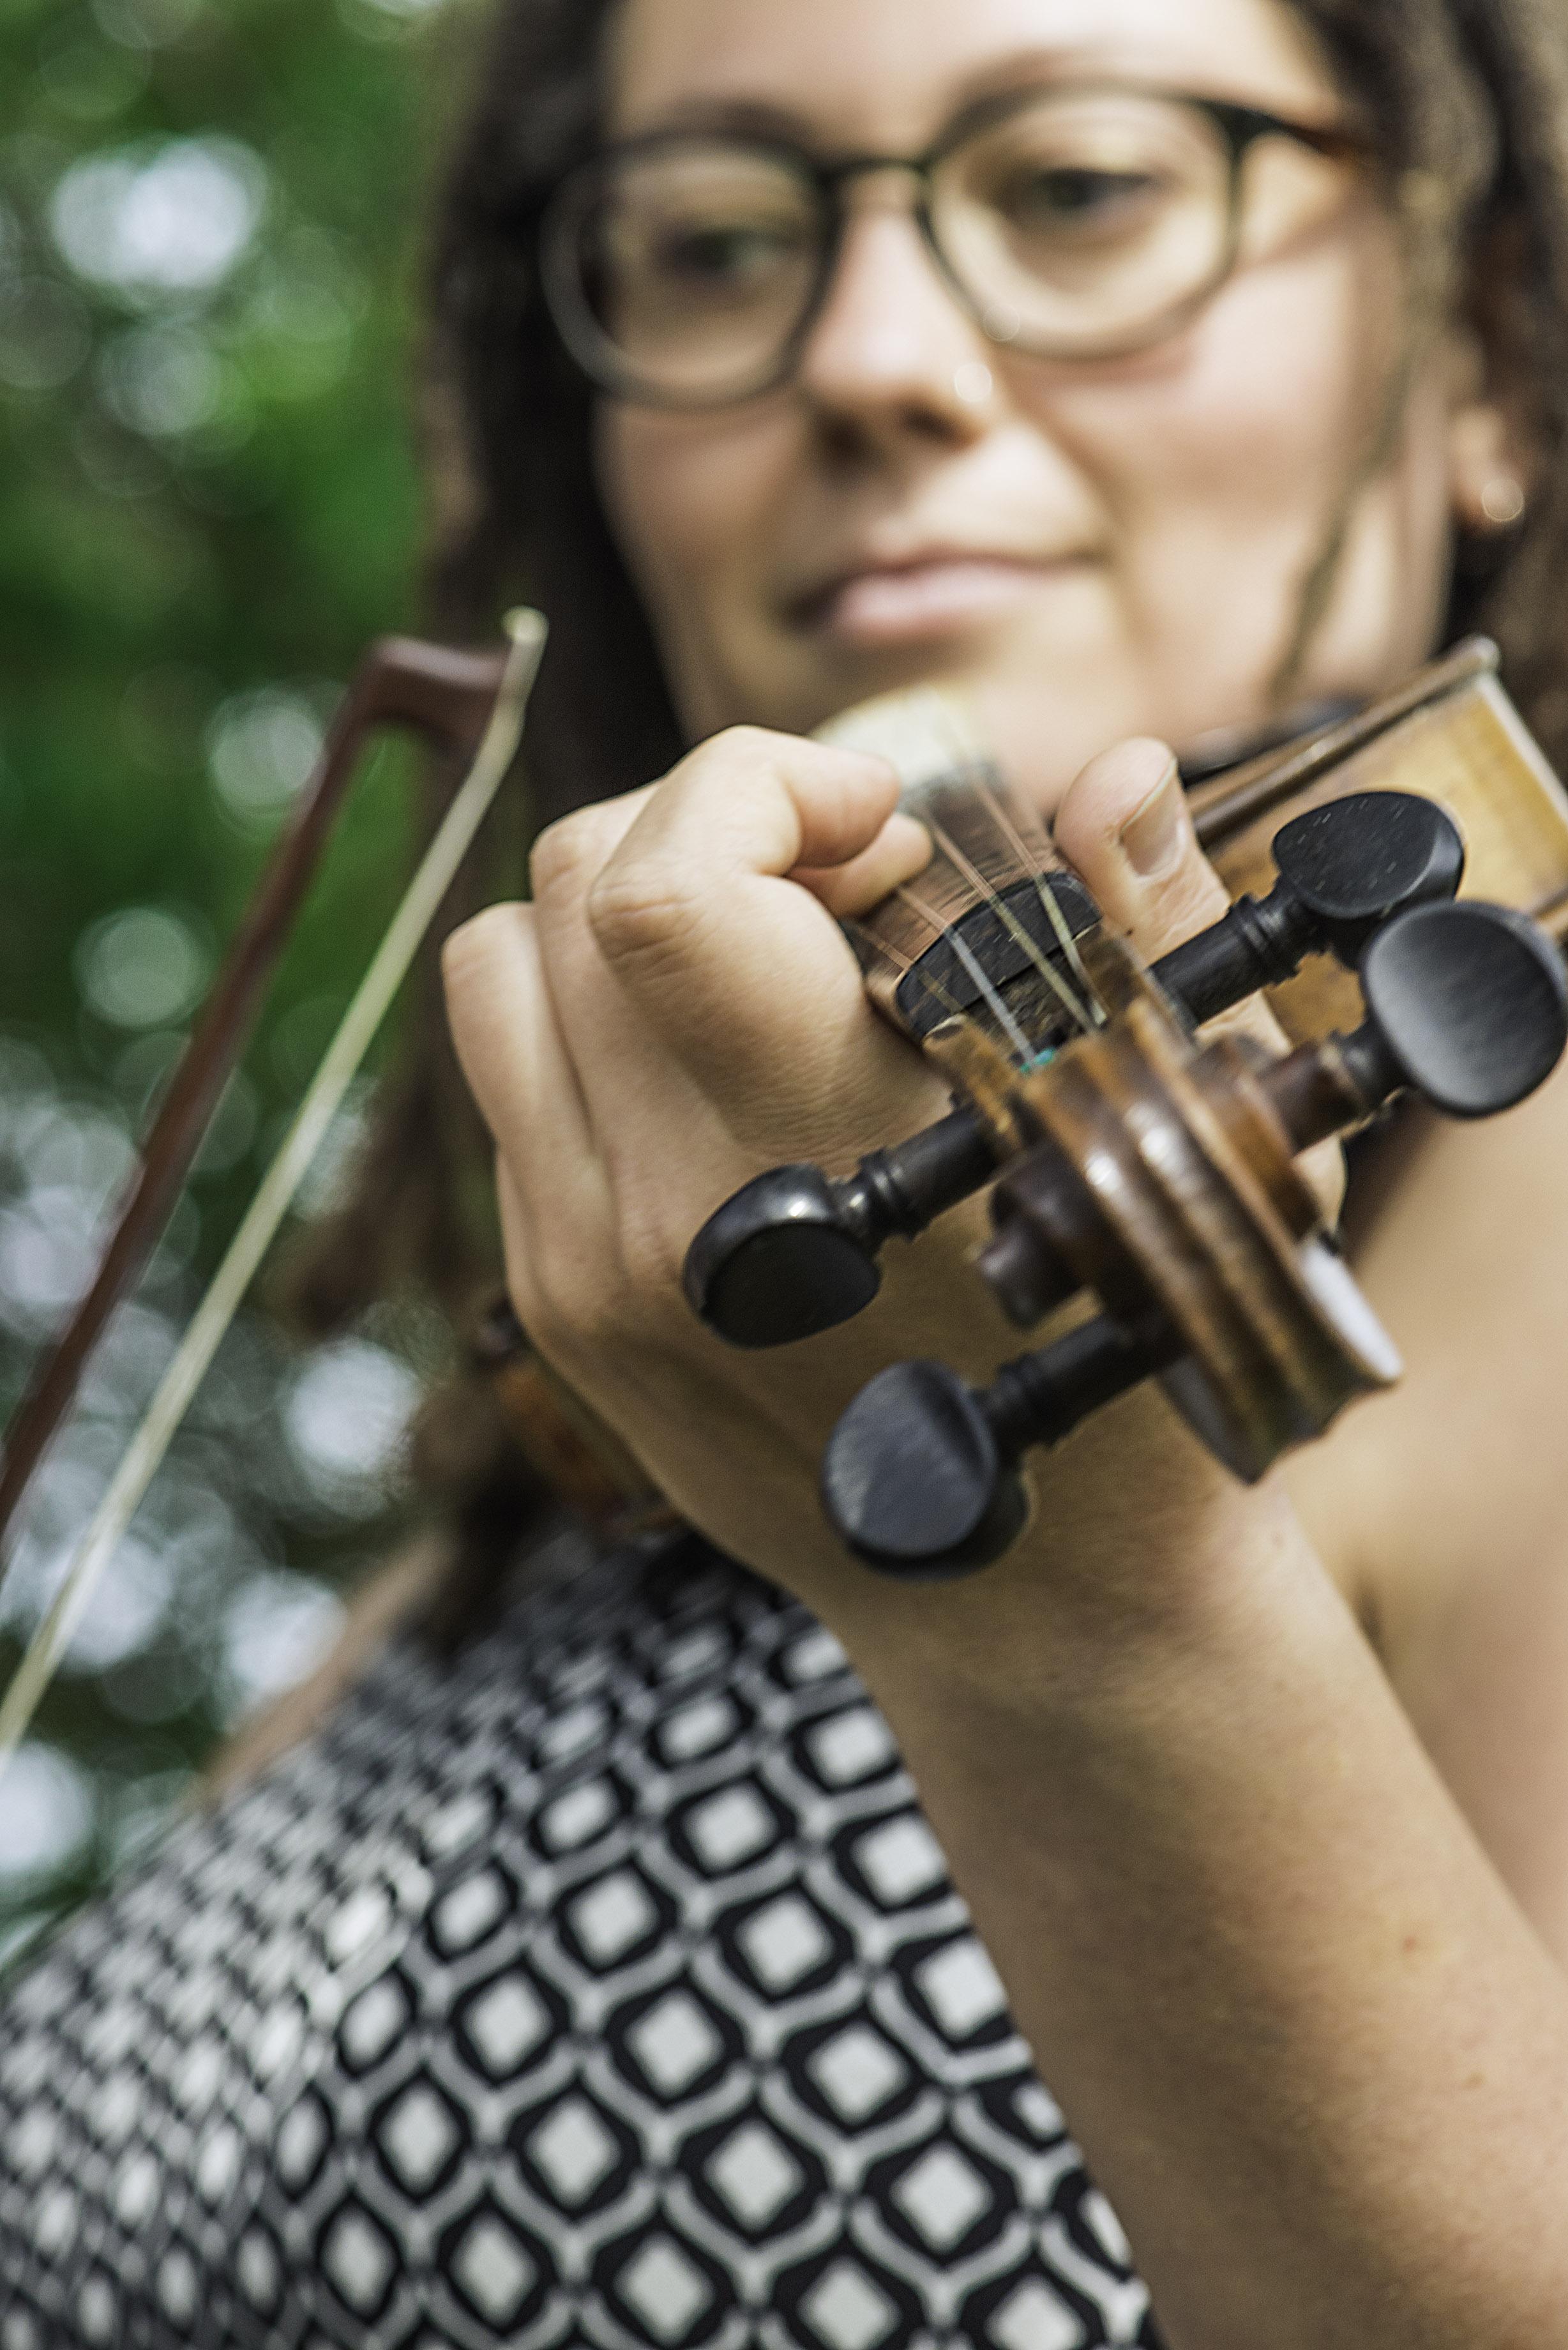 Heidi B w Violin 0327 Web.jpg